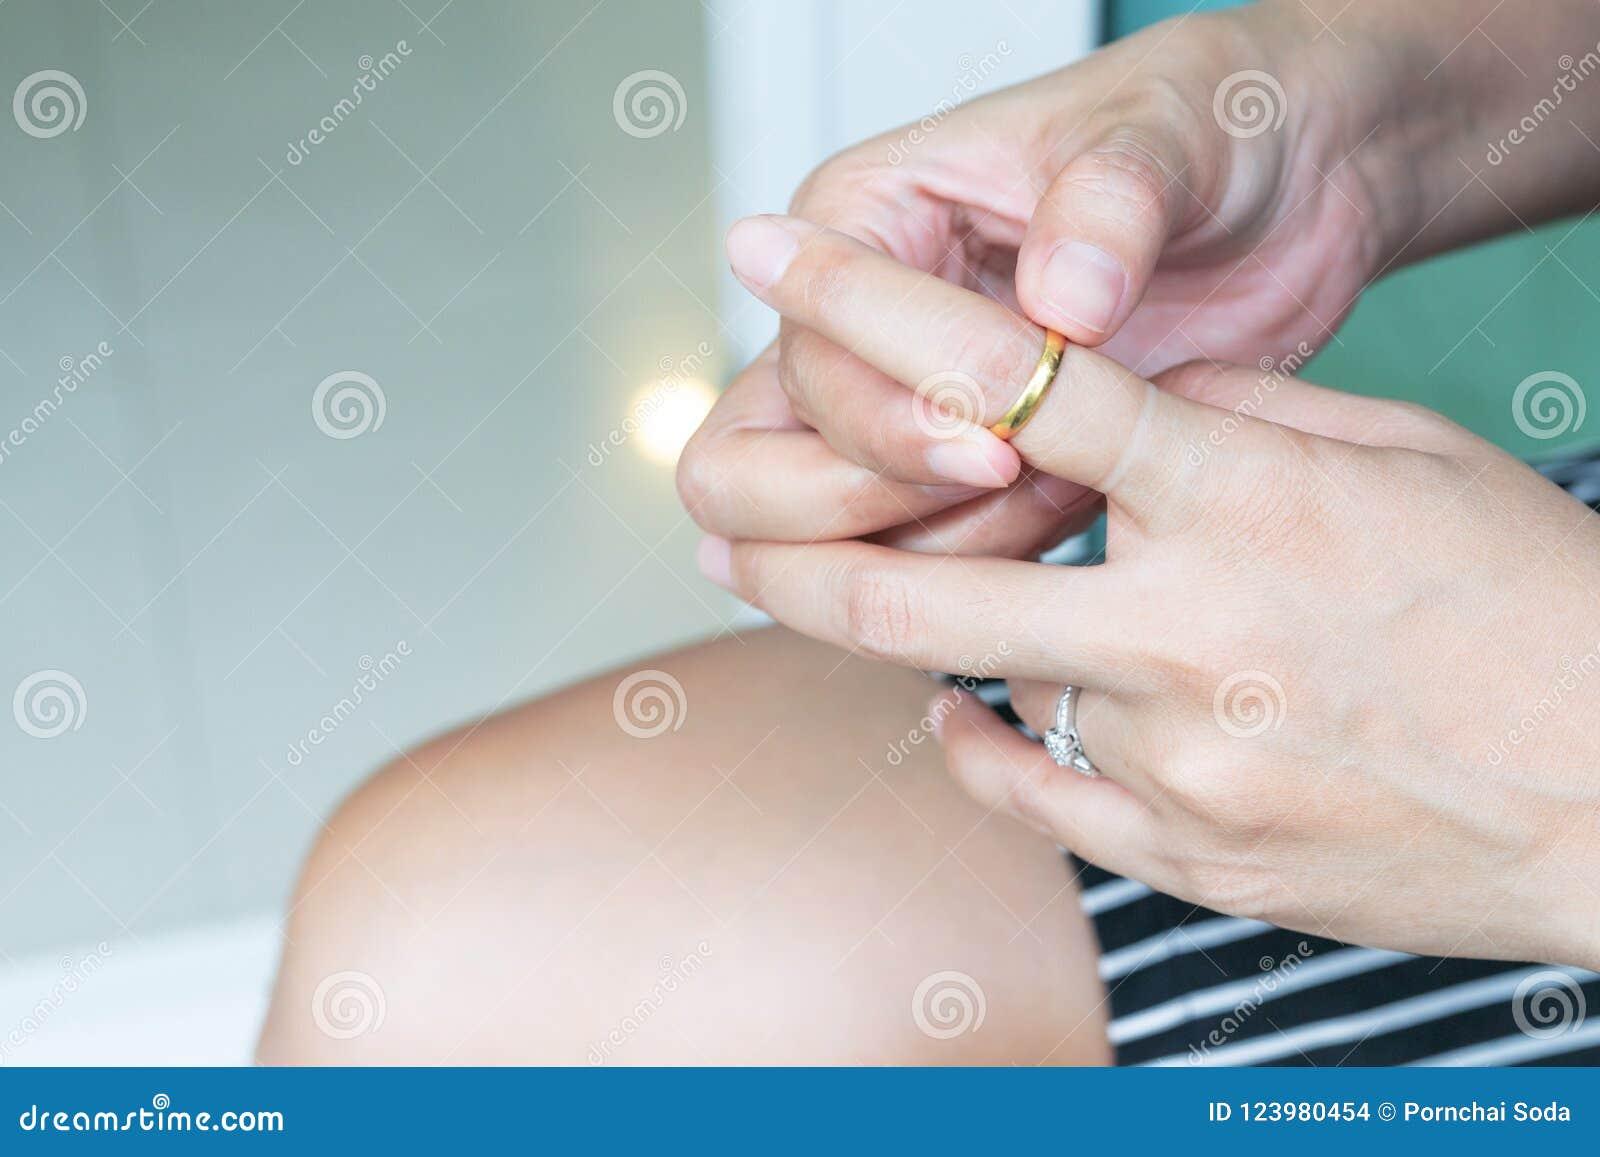 anillos de oro gordos